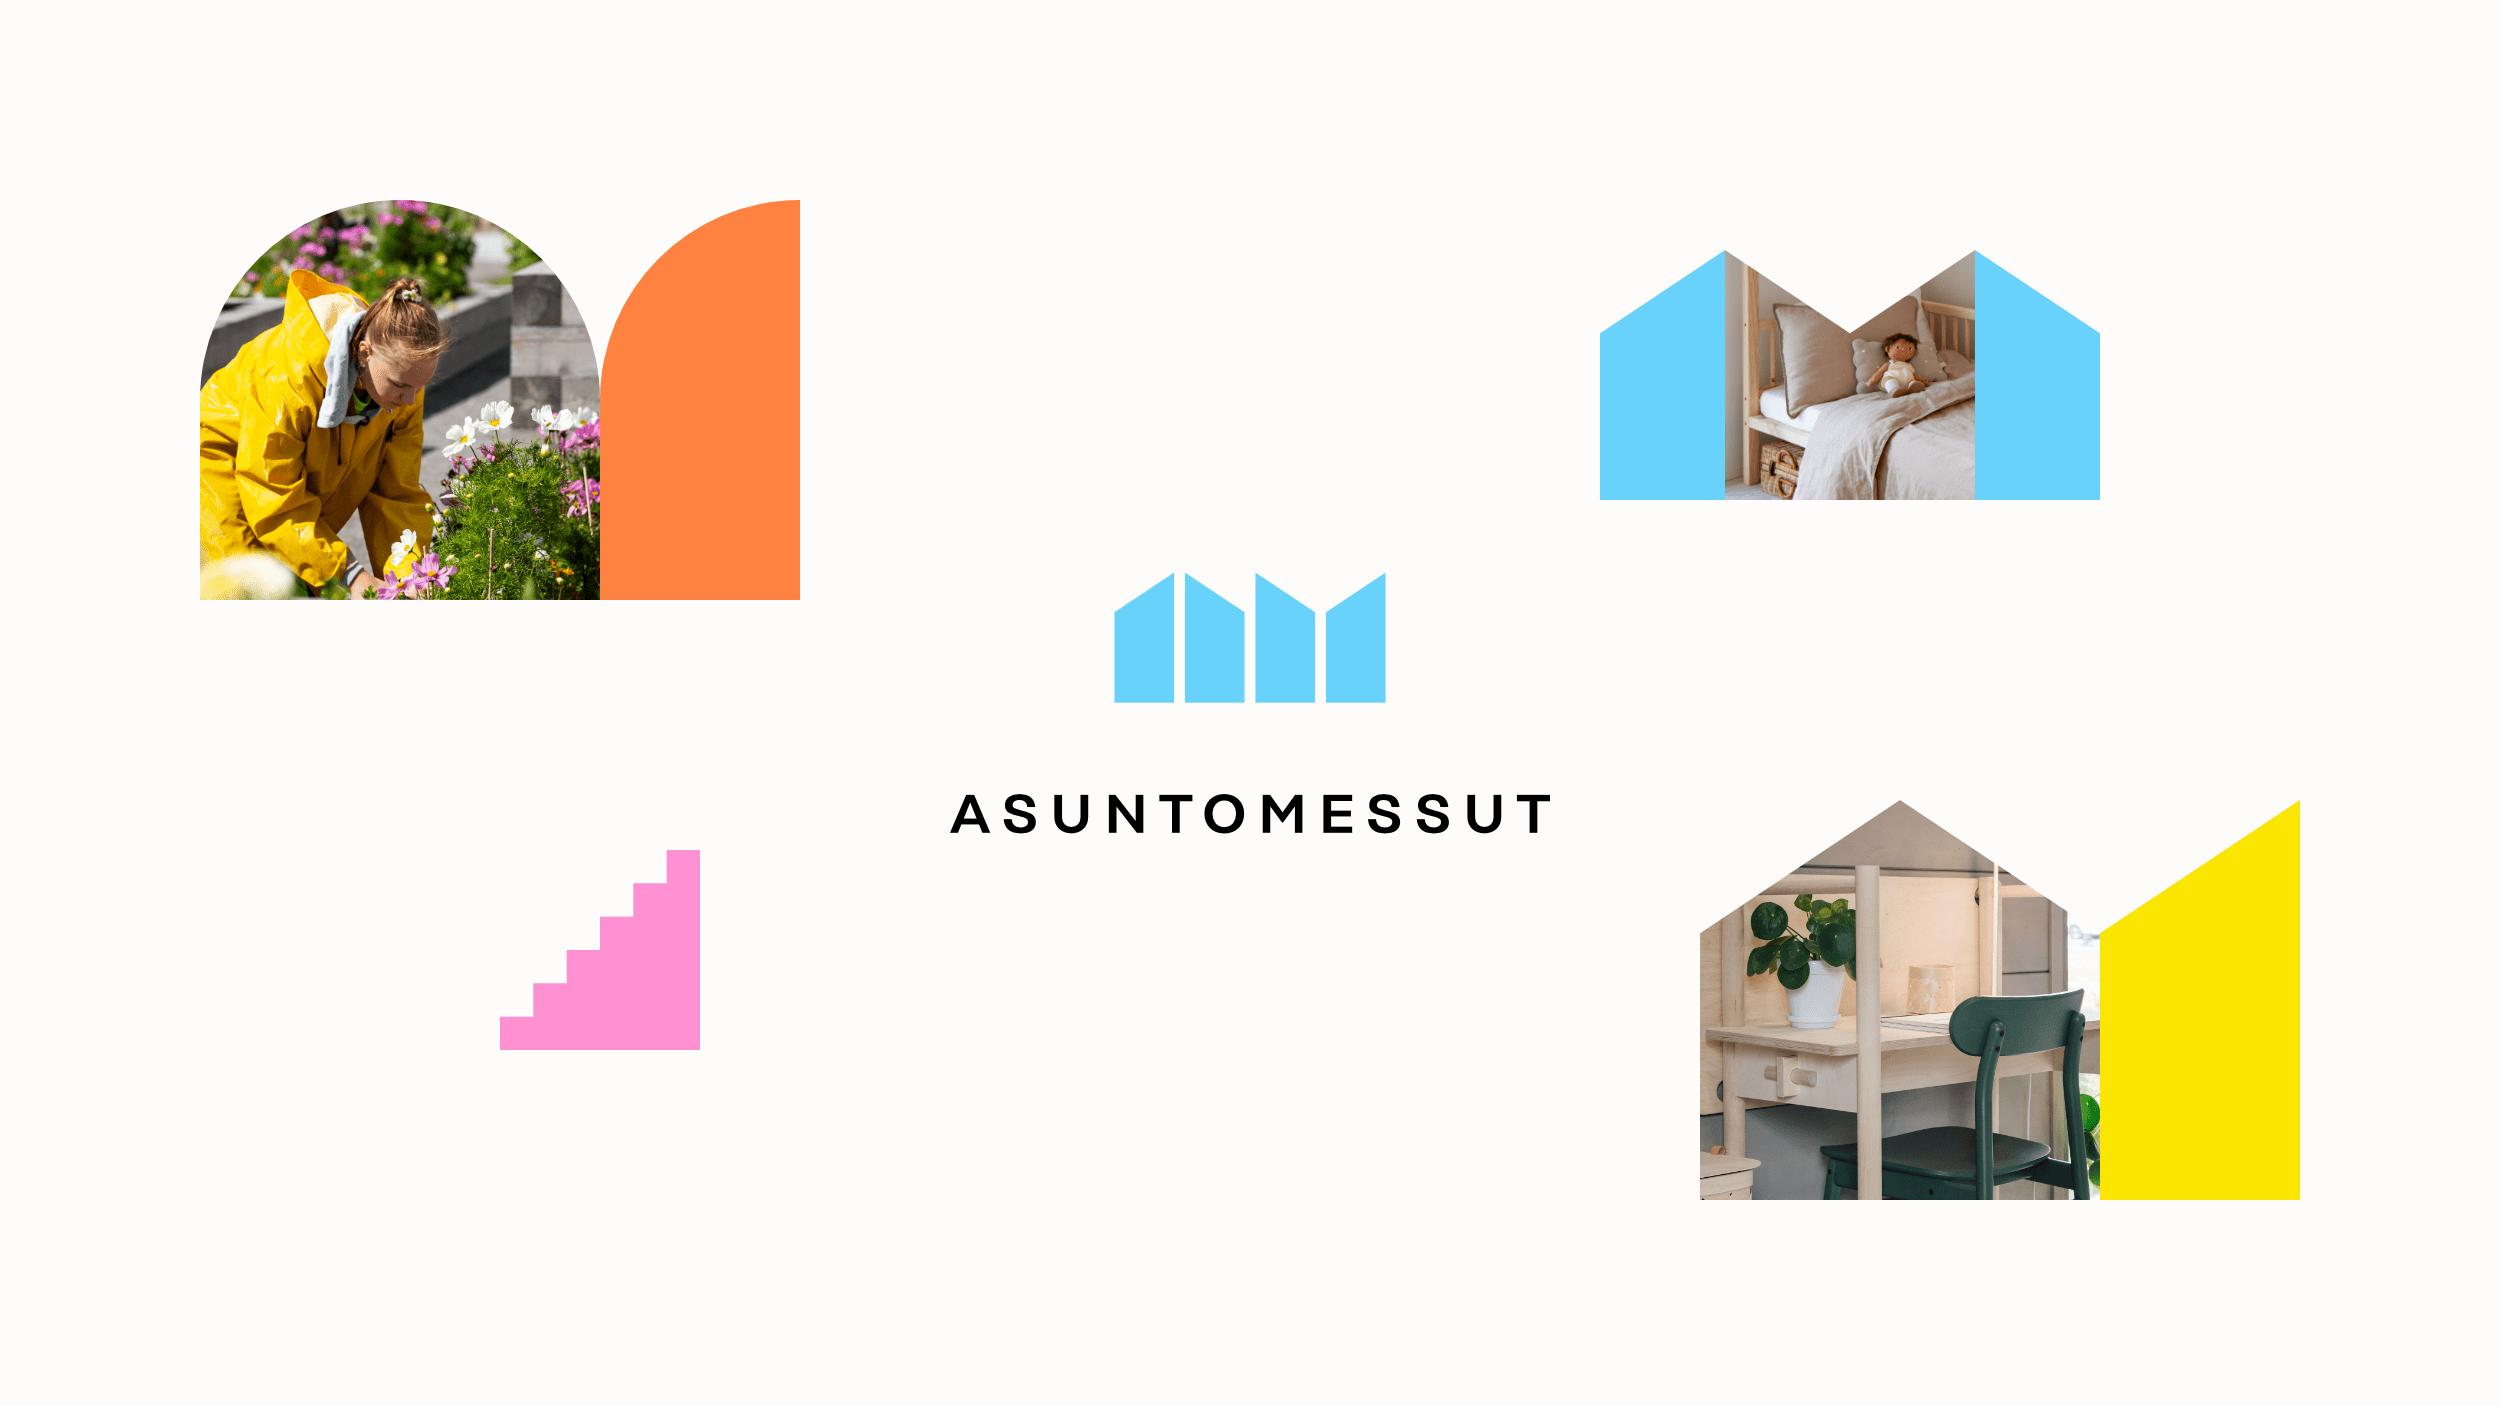 Asuntomessujen logo ja visuaalisen ilmeen värikkäät ikkunat